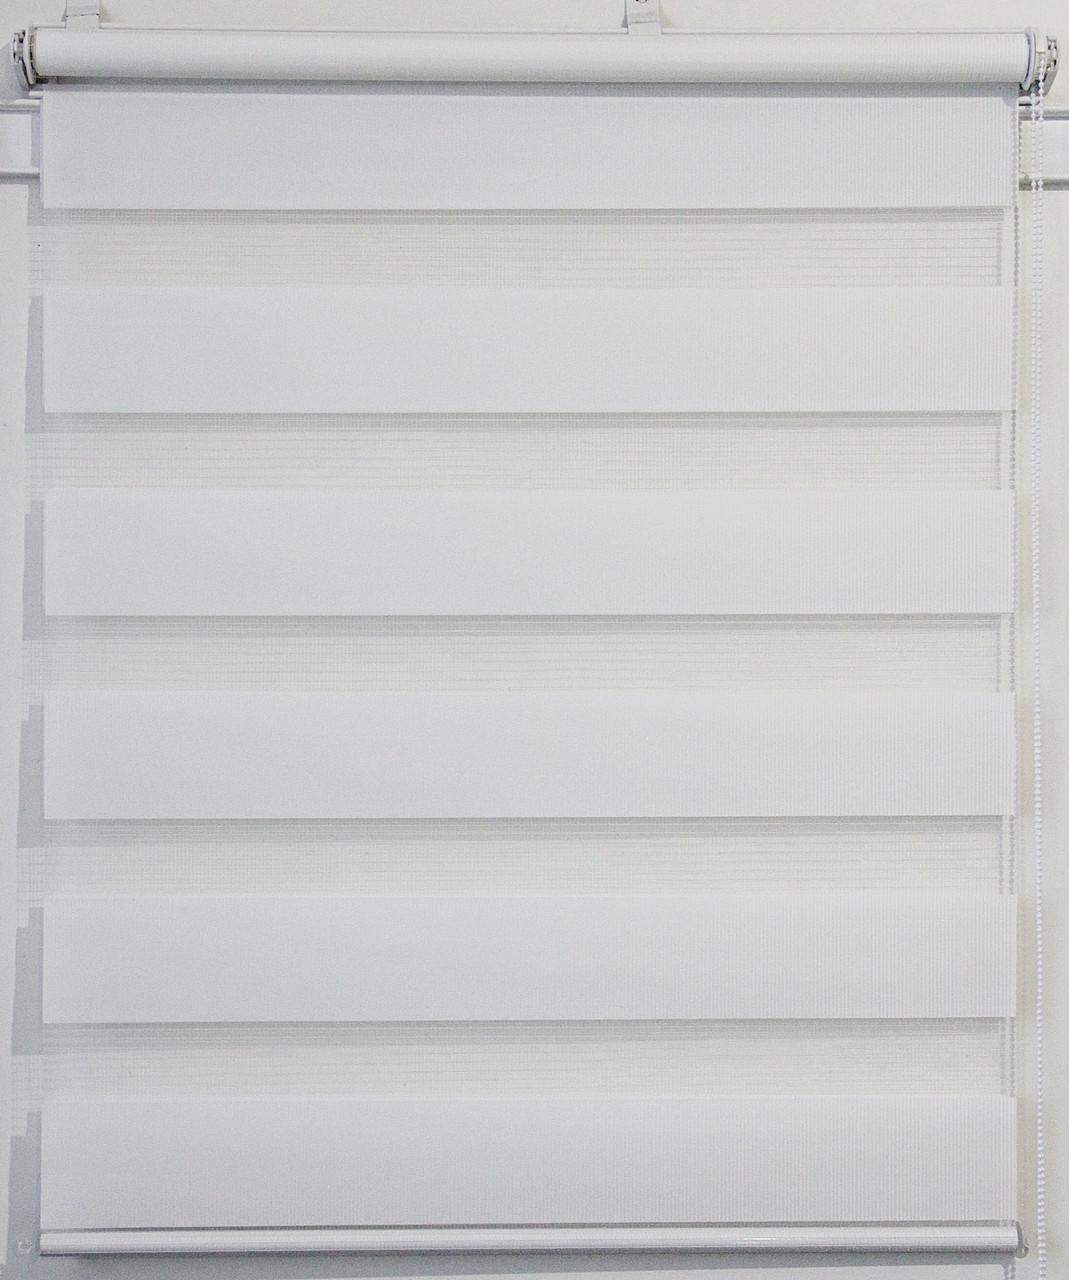 Готовые рулонные шторы 525*1600 Ткань ВН-01 Белый